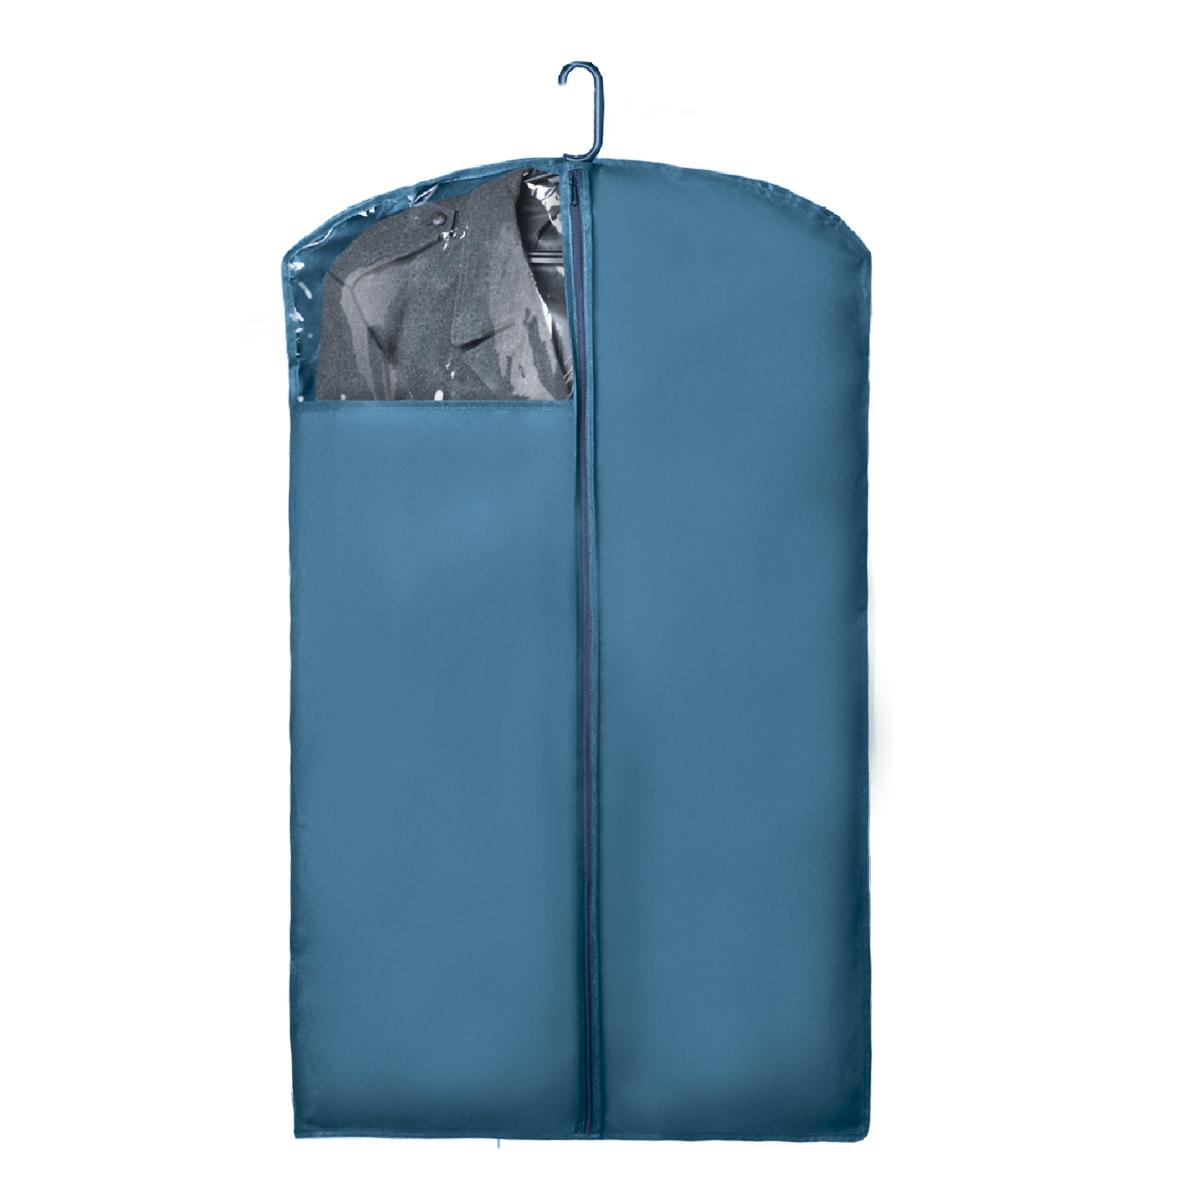 Чехол для верхней одежды Miolla, с окошком, цвет: голубой, 100 х 60 смCLP446Чехол для верхней одежды Miolla на застежке-молнии выполнен из высококачественного нетканого материала. Прозрачное полиэтиленовое окошко позволяет видеть содержимое чехла. Подходит для длительного хранения вещей.Чехол обеспечивает вашей одежде надежную защиту от влажности, повреждений и грязи при транспортировке, от запыления при хранении и проникновения моли. Чехол обладает водоотталкивающими свойствами, а также позволяет воздуху свободно поступать внутрь вещей, обеспечивая их кондиционирование. Это особенно важно при хранении кожаных и меховых изделий.Размер чехла: 100 х 60 см.